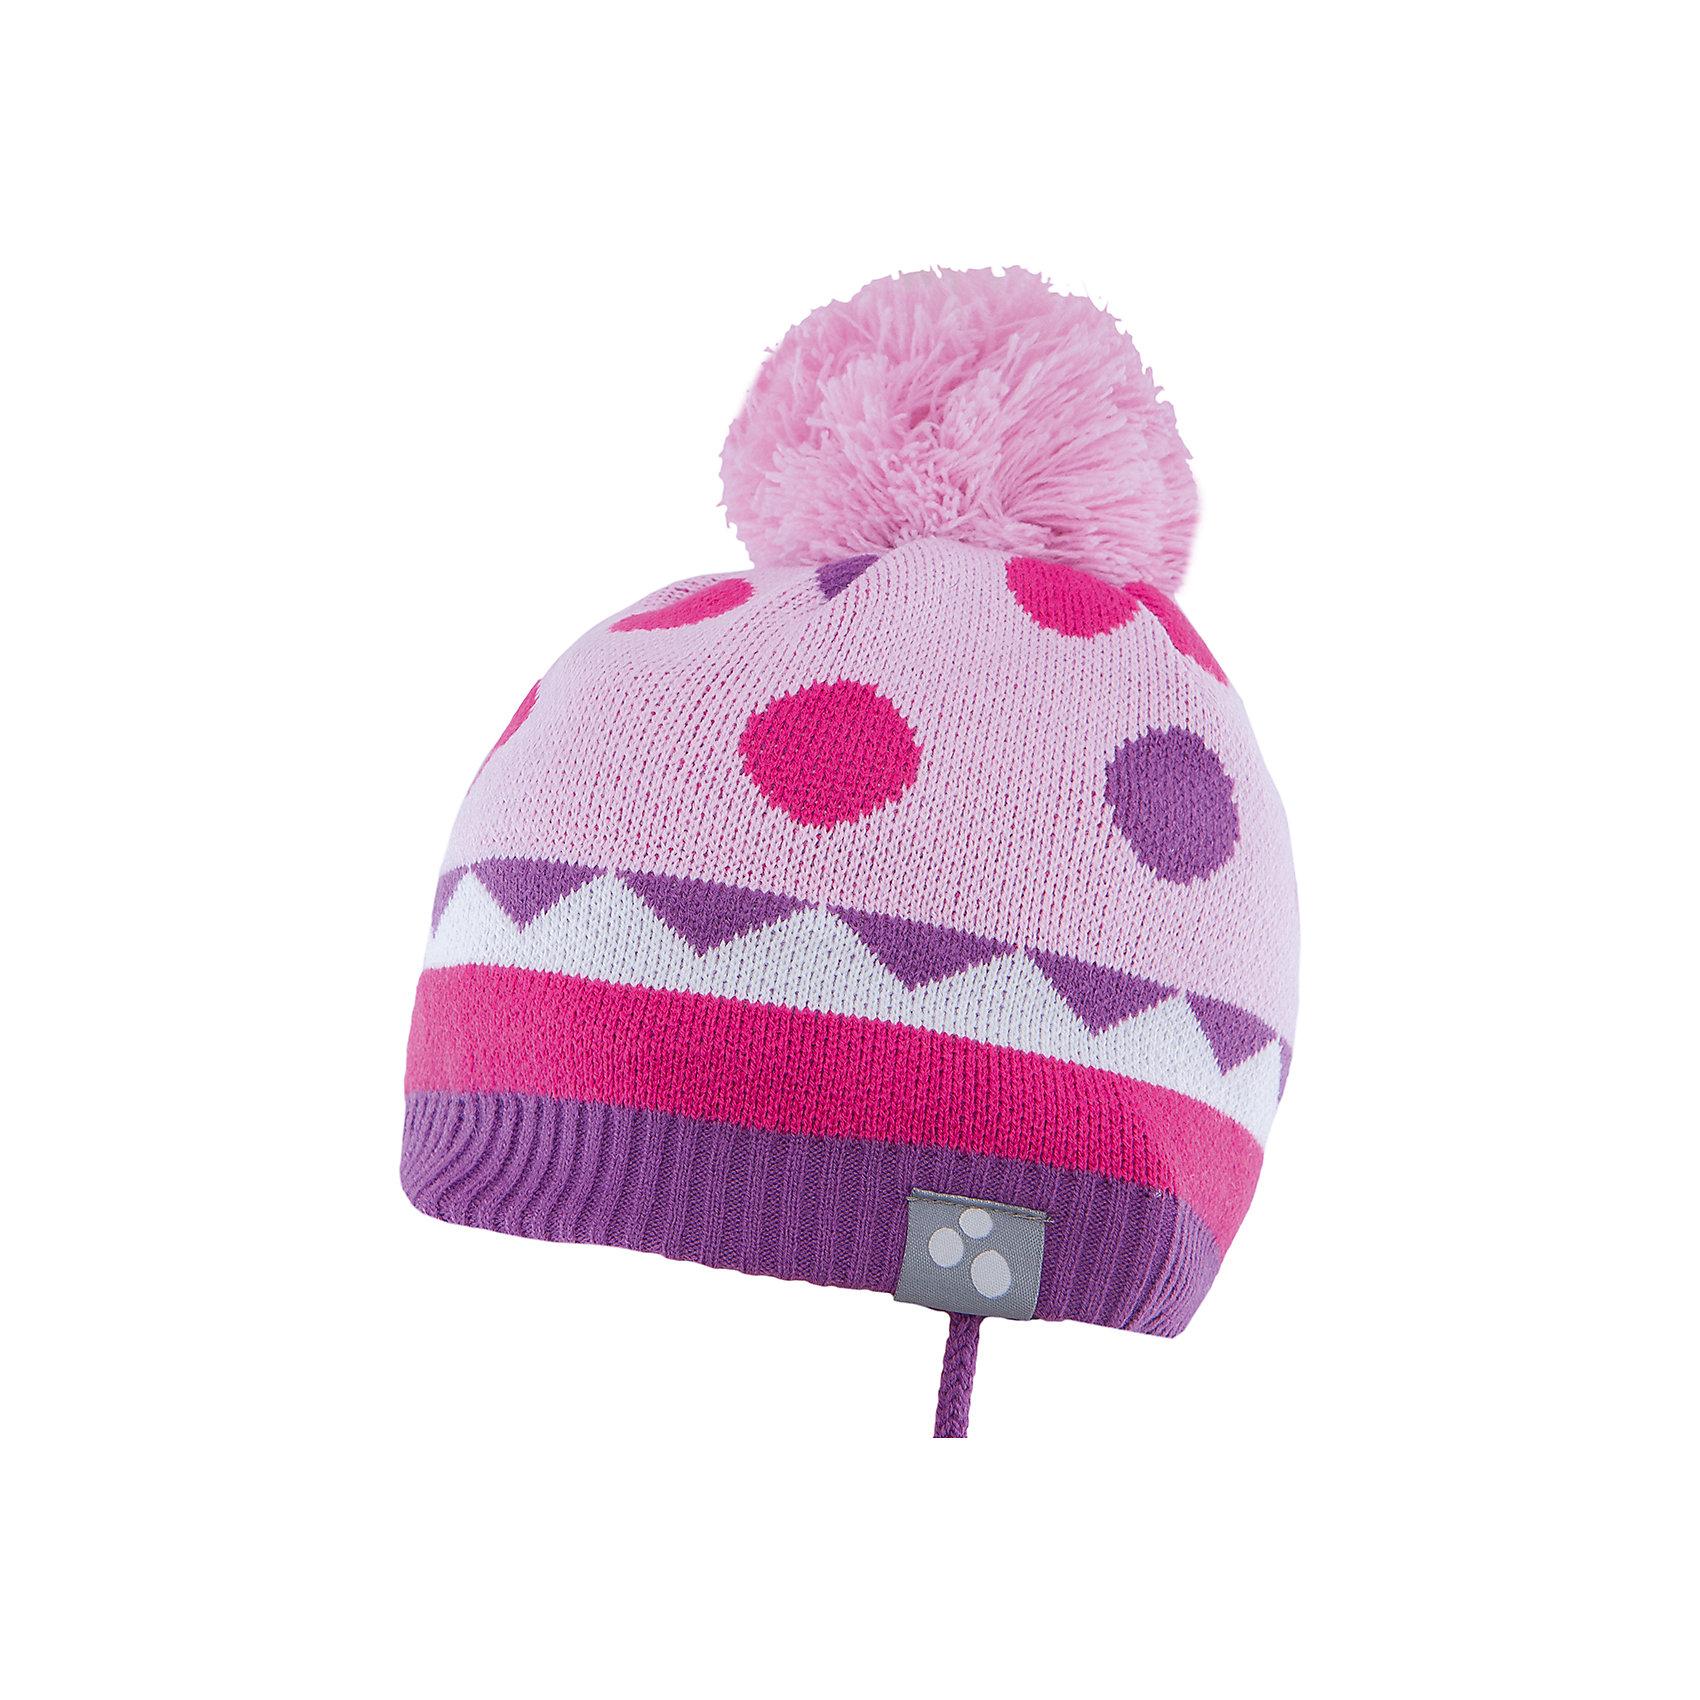 Шапка  HuppaГоловные уборы<br>Вязаная шапка PEETA Huppa(Хуппа) плотно прилегает к голове и хорошо защищает от морозов и ветра. Подкладка из хлопка не вызовет раздражения на коже. Шапочка украшена помпоном и геометрическим орнаментом. Есть светоотражающие элементы. В такой шапке гулять будет тепло и комфортно!<br><br>Дополнительная информация:<br>Материал: 100% акрил<br>Подкладка: 100% хлопок<br>Цвет: розовый/лиловый<br><br>Вы можете приобрести шапку PEETA Huppa(Хуппа) в нашем интернет-магазине.<br><br>Ширина мм: 89<br>Глубина мм: 117<br>Высота мм: 44<br>Вес г: 155<br>Цвет: розовый<br>Возраст от месяцев: 9<br>Возраст до месяцев: 12<br>Пол: Женский<br>Возраст: Детский<br>Размер: 43-45,51-53,47-49<br>SKU: 4928926